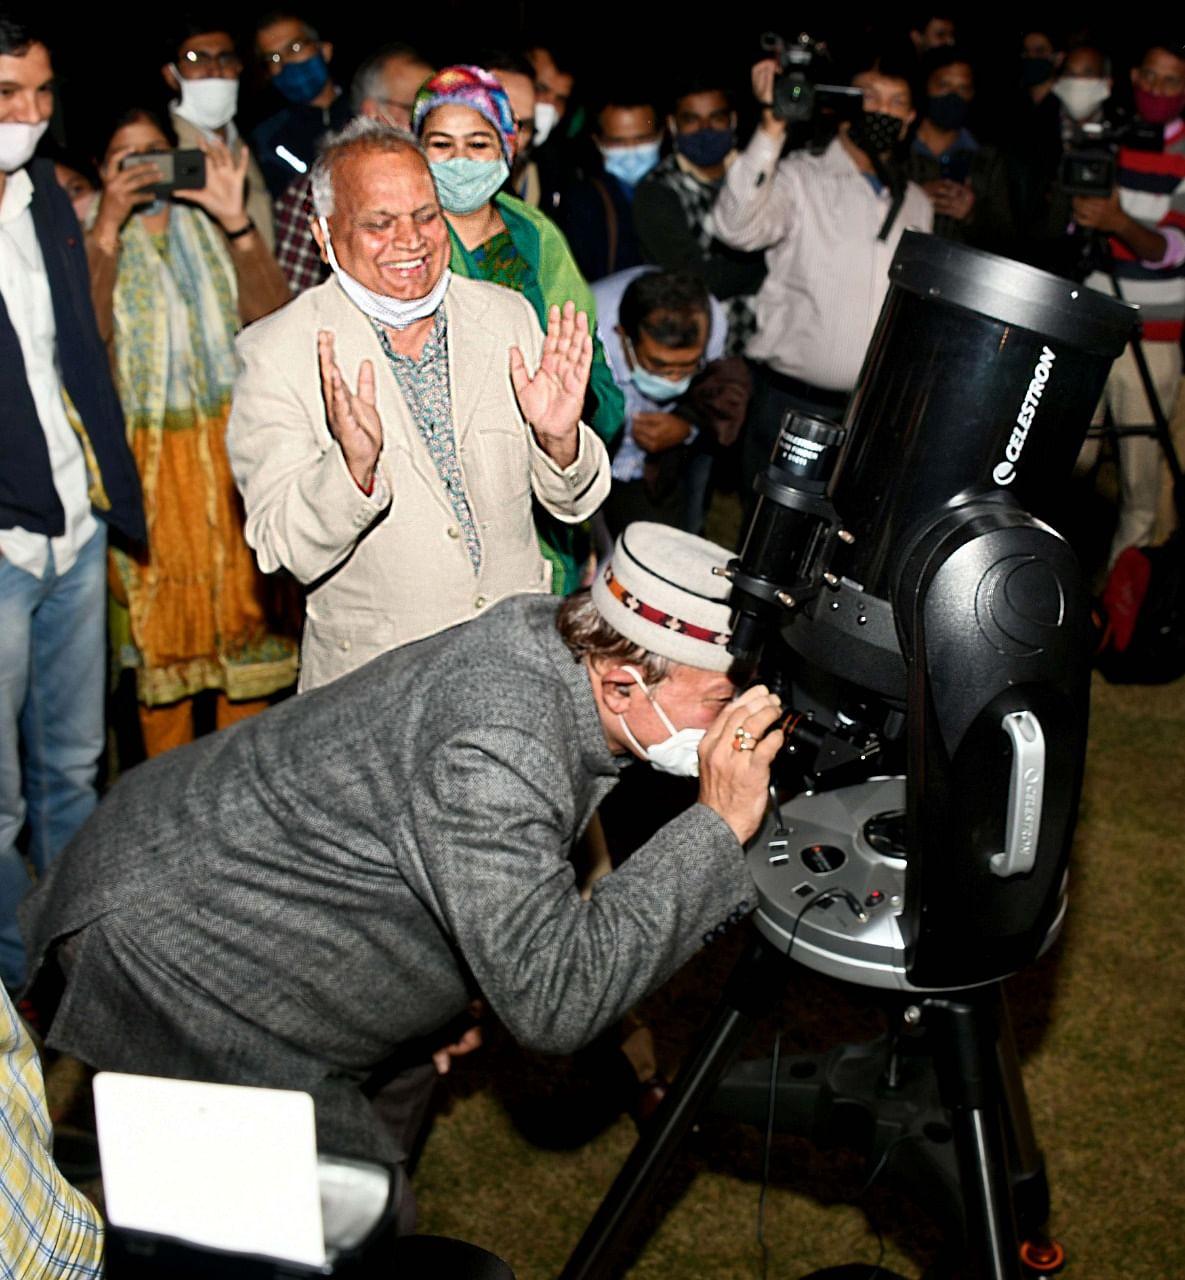 नाइट स्काई टूरिज्म की जयपुर में हुई शुरूआत, टेलीस्कोप से निशुल्क देख सकेंगे आकाशीय नजारे